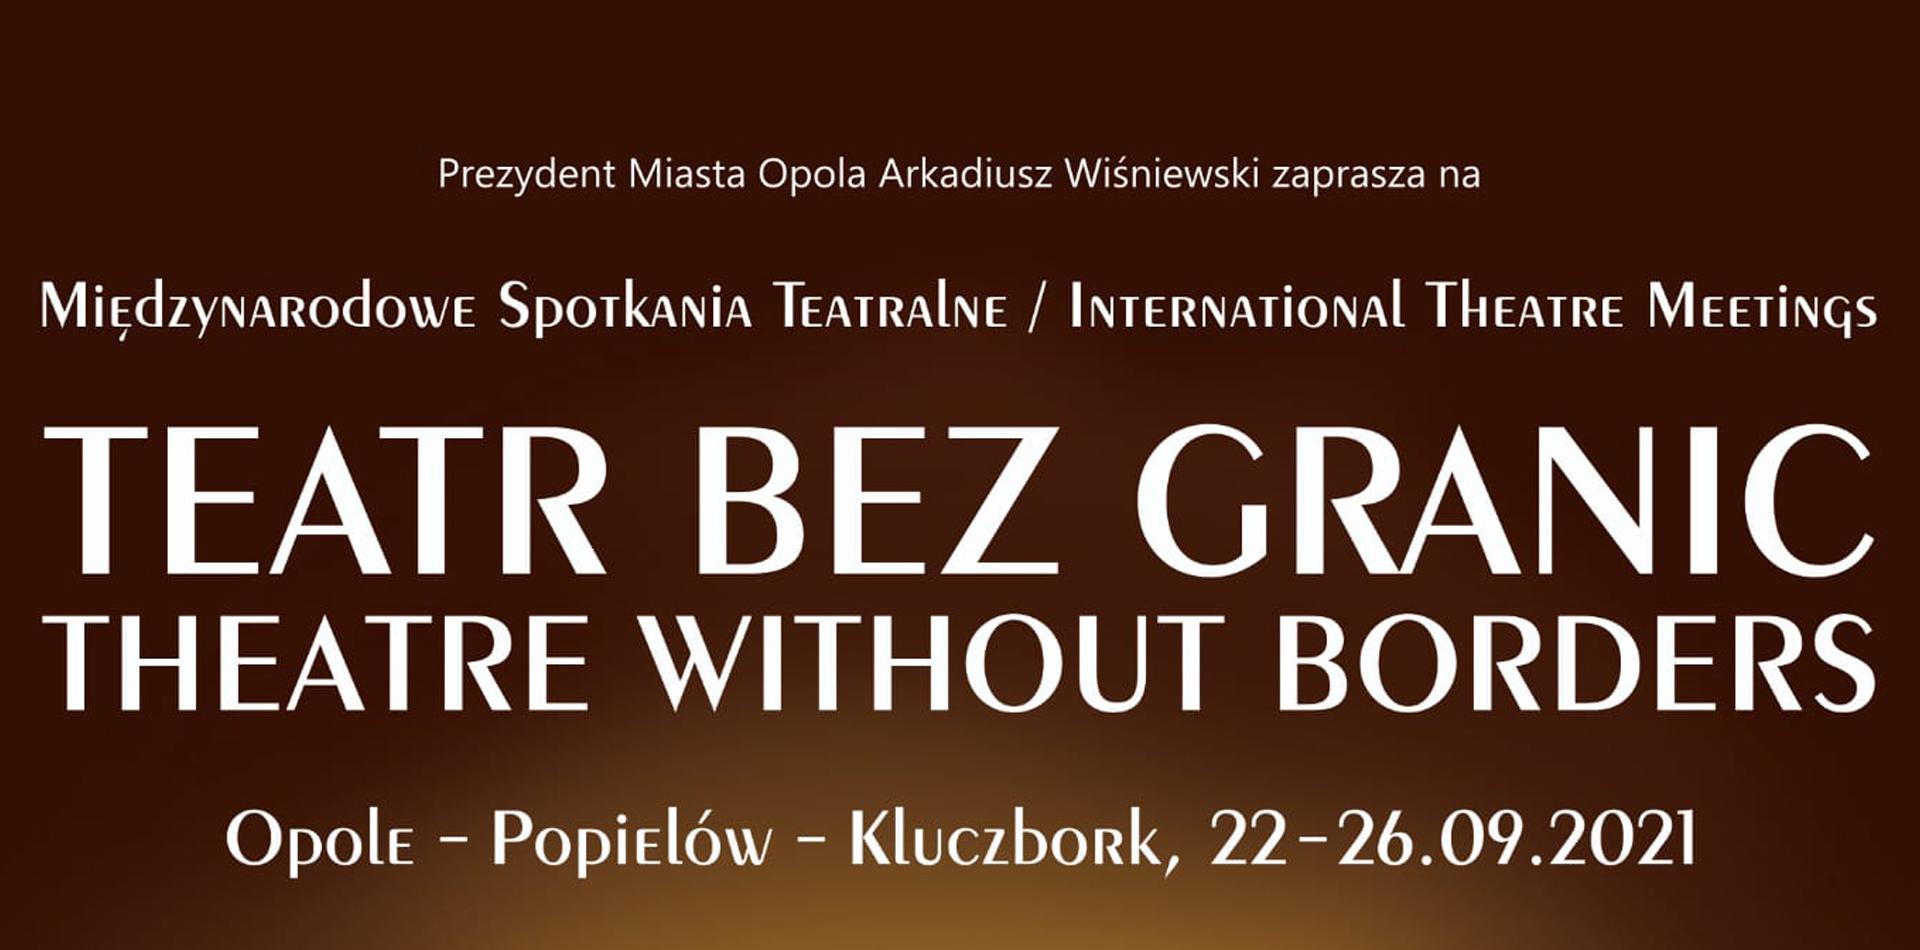 najważniejsze informacje - TeatrBez Granic